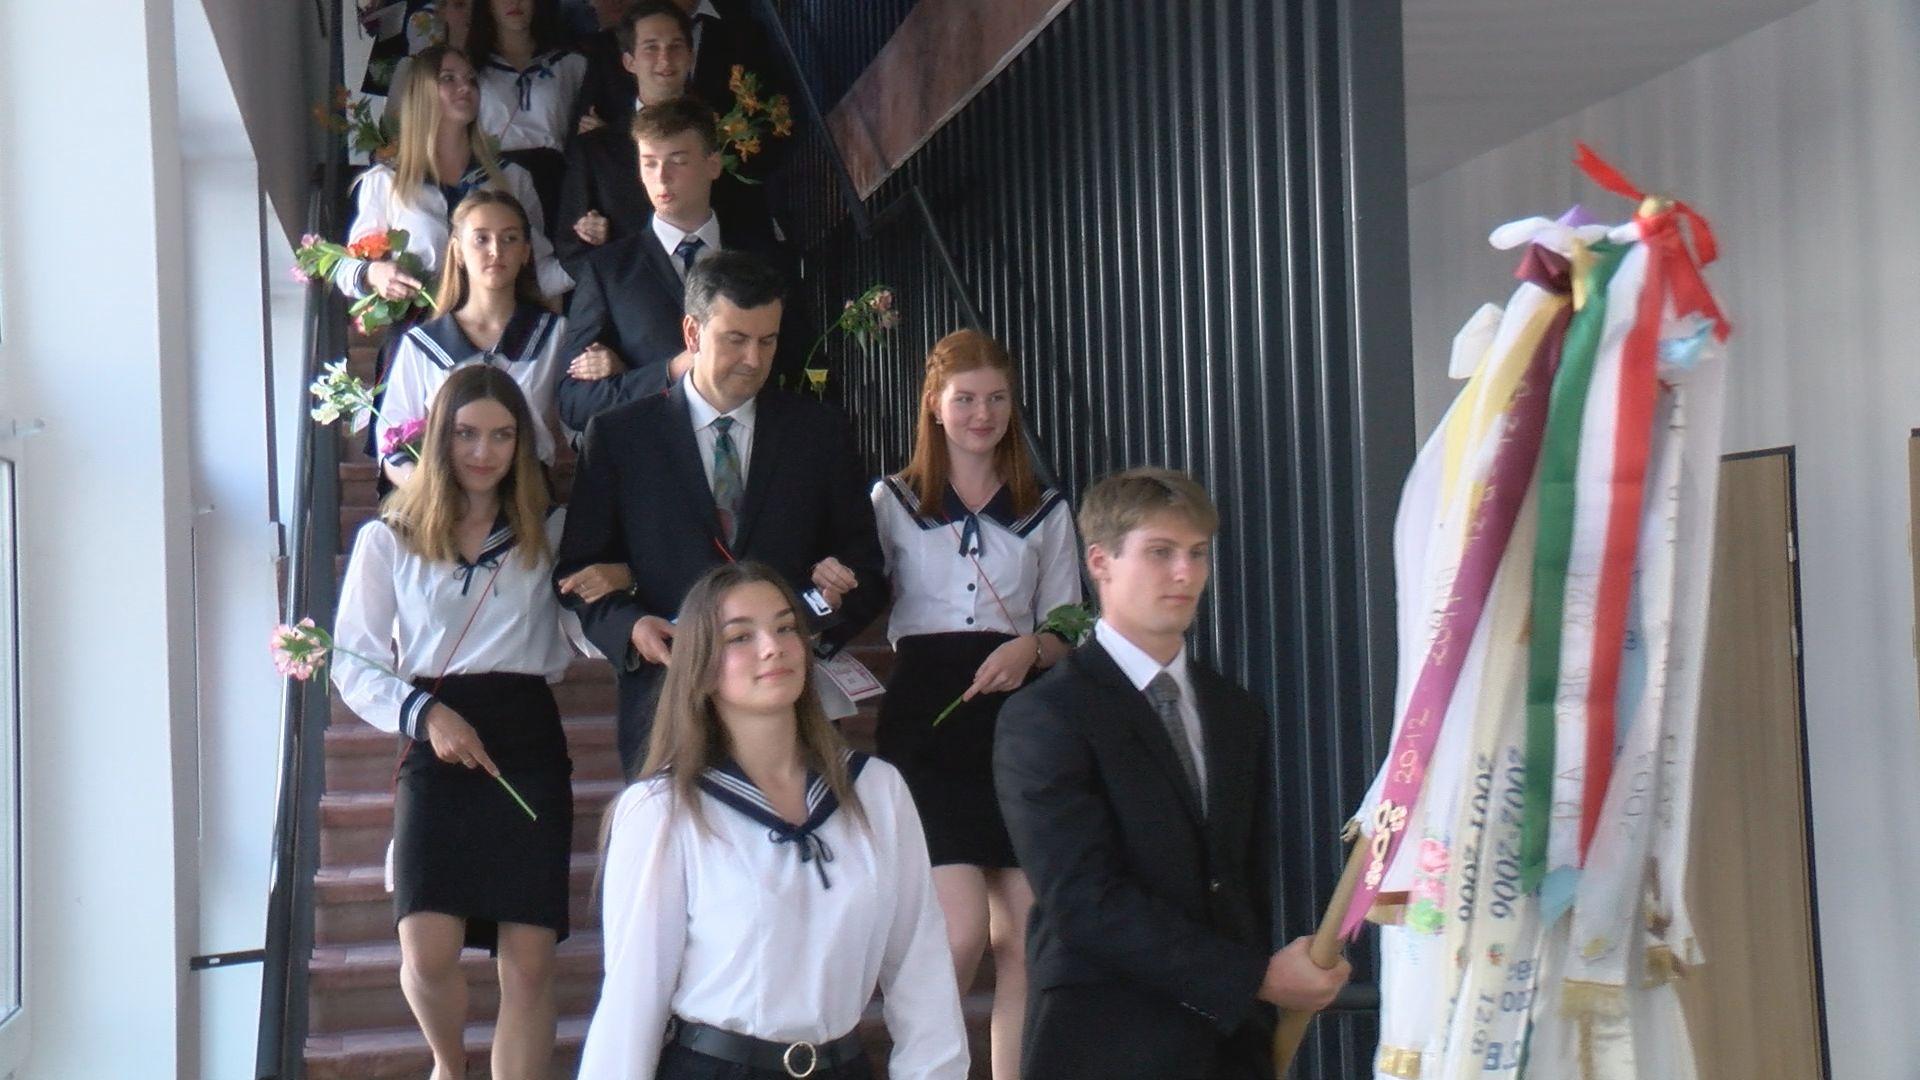 Elballagtak a Lóczy gimnázium végzősei